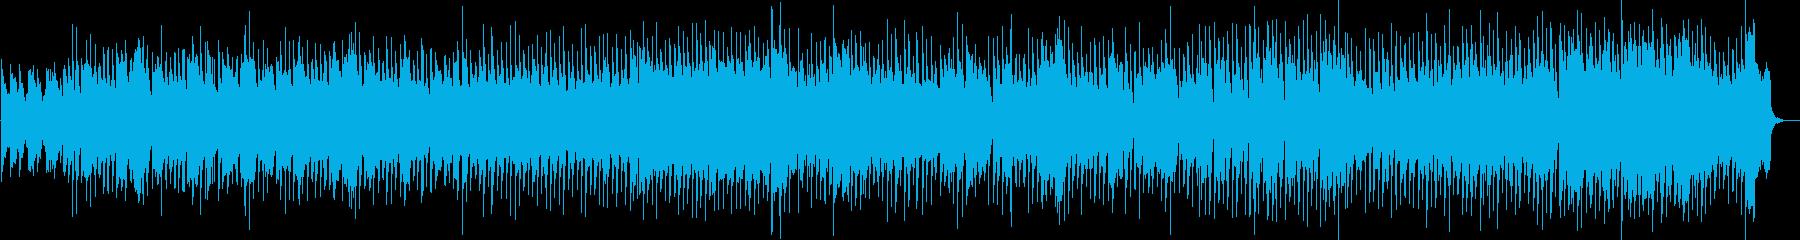 メランコリックなスイングジャズ約3分半の再生済みの波形